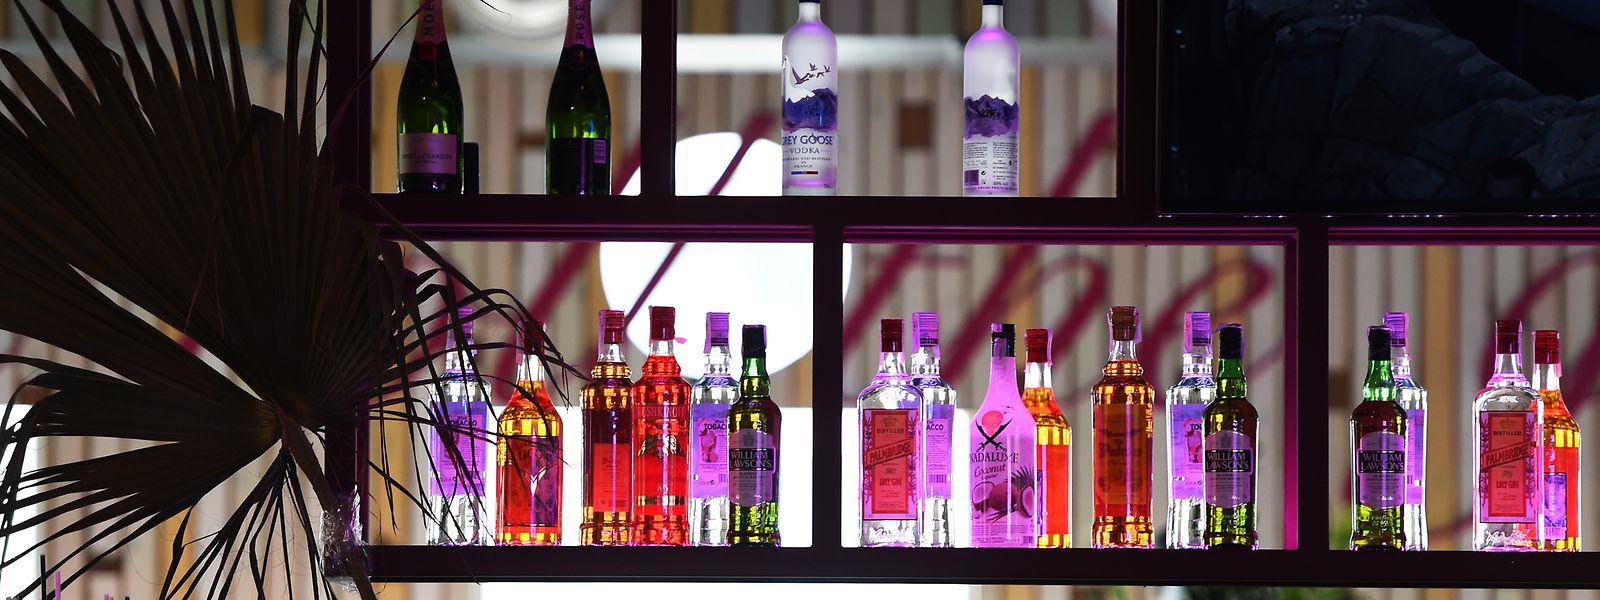 Die Regionalregierung der Balearen verabschiedete am Freitag einen Gesetzeserlass, wonach All-Inklusive-Hotels an der bei deutschen Urlaubern sehr beliebten Playa de Palma ab Februar nicht mehr unbegrenzt kostenfreien Alkohol anbieten dürfen.